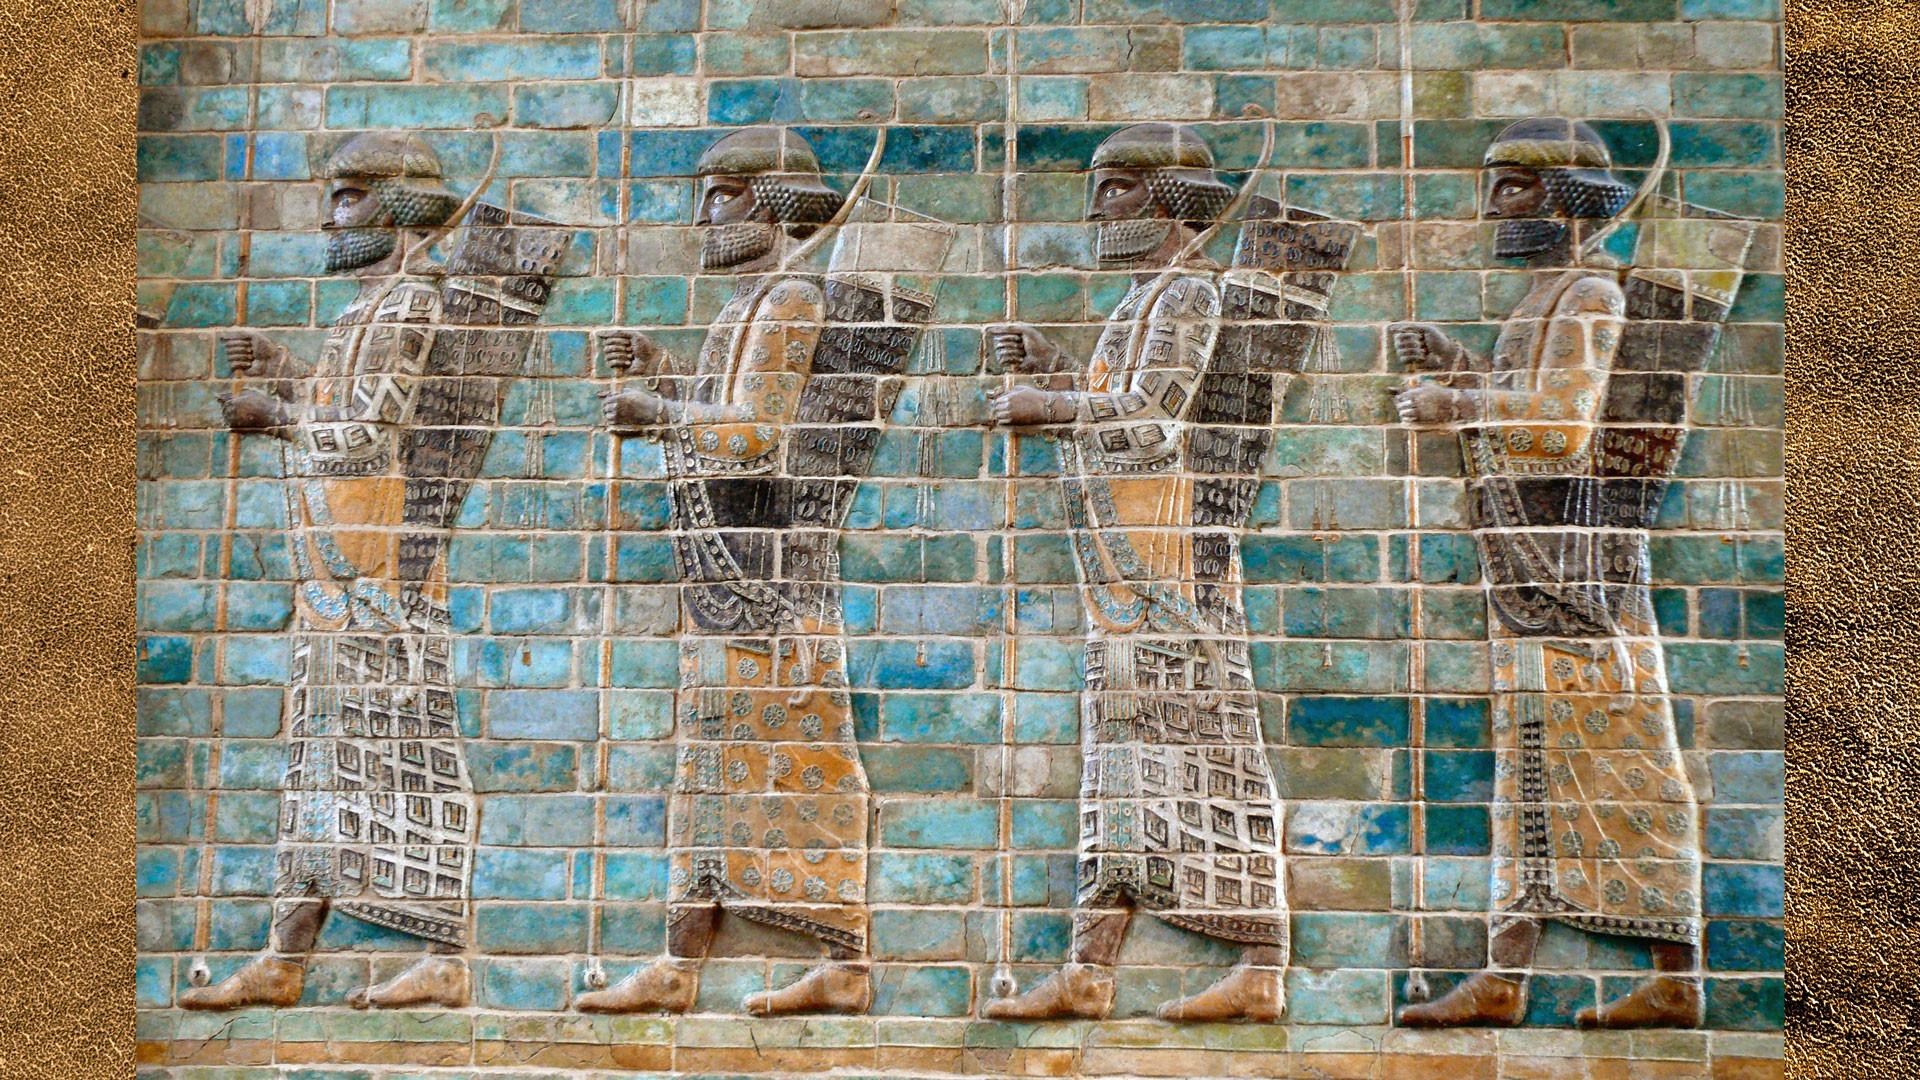 Персидские воины. Фото: © flickr/dynamosquito